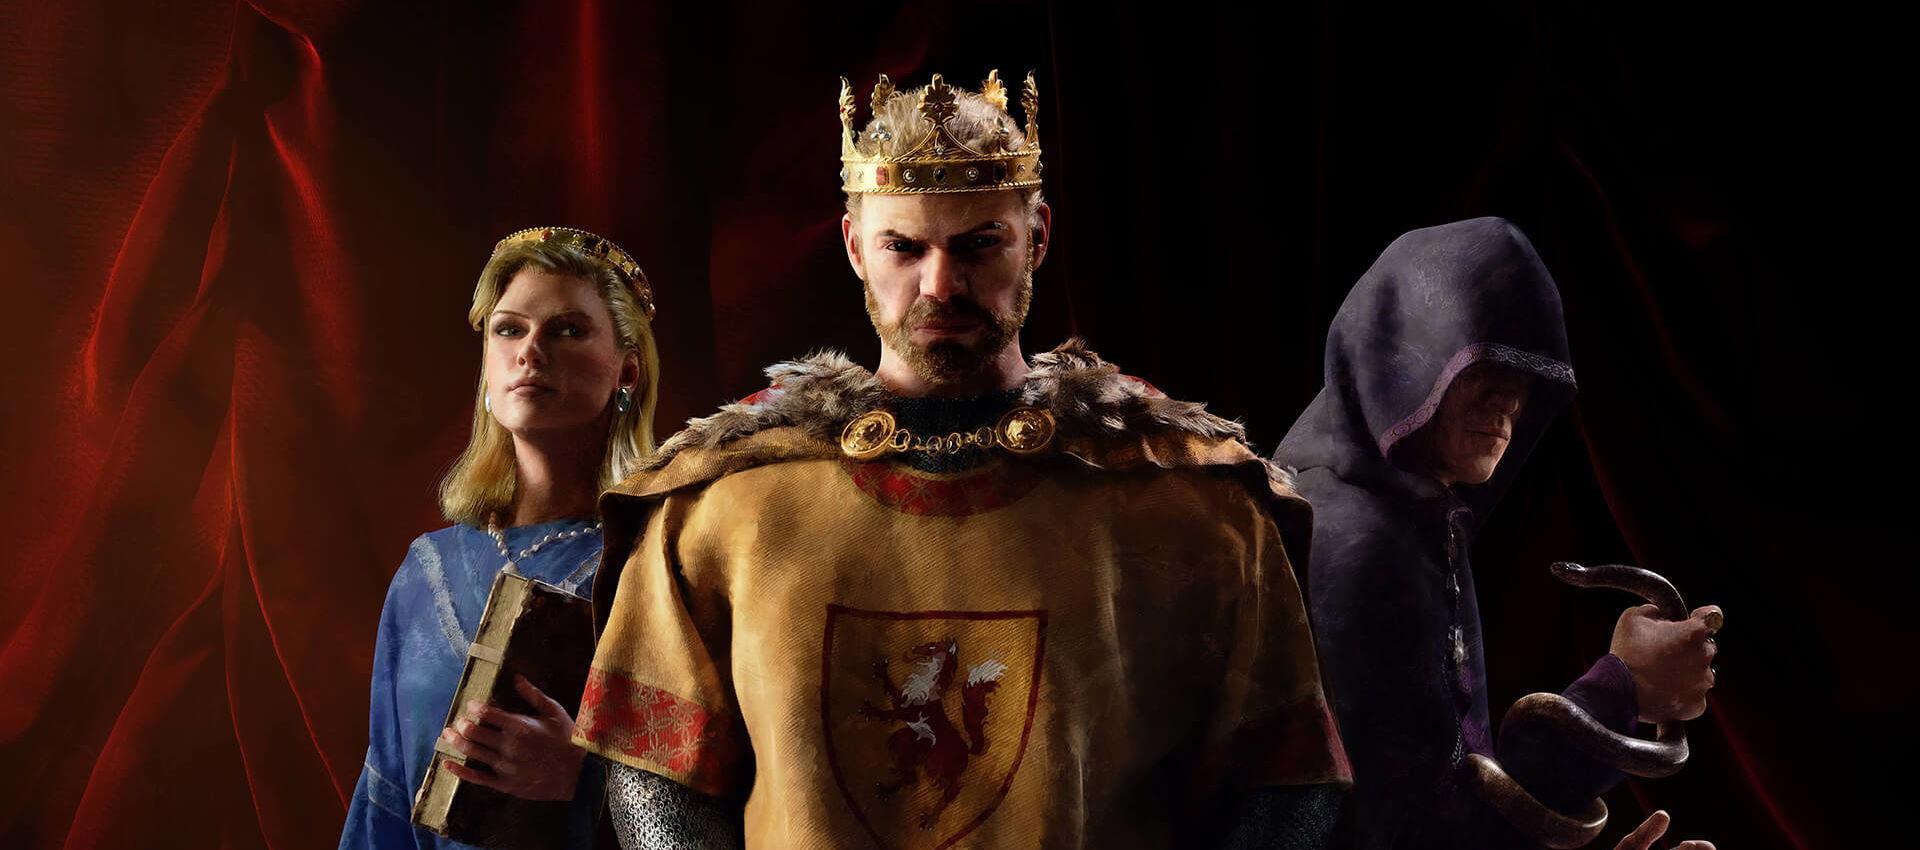 بازی Crusader King 3 برای کنسولهای نسل نهم عرضه میشود